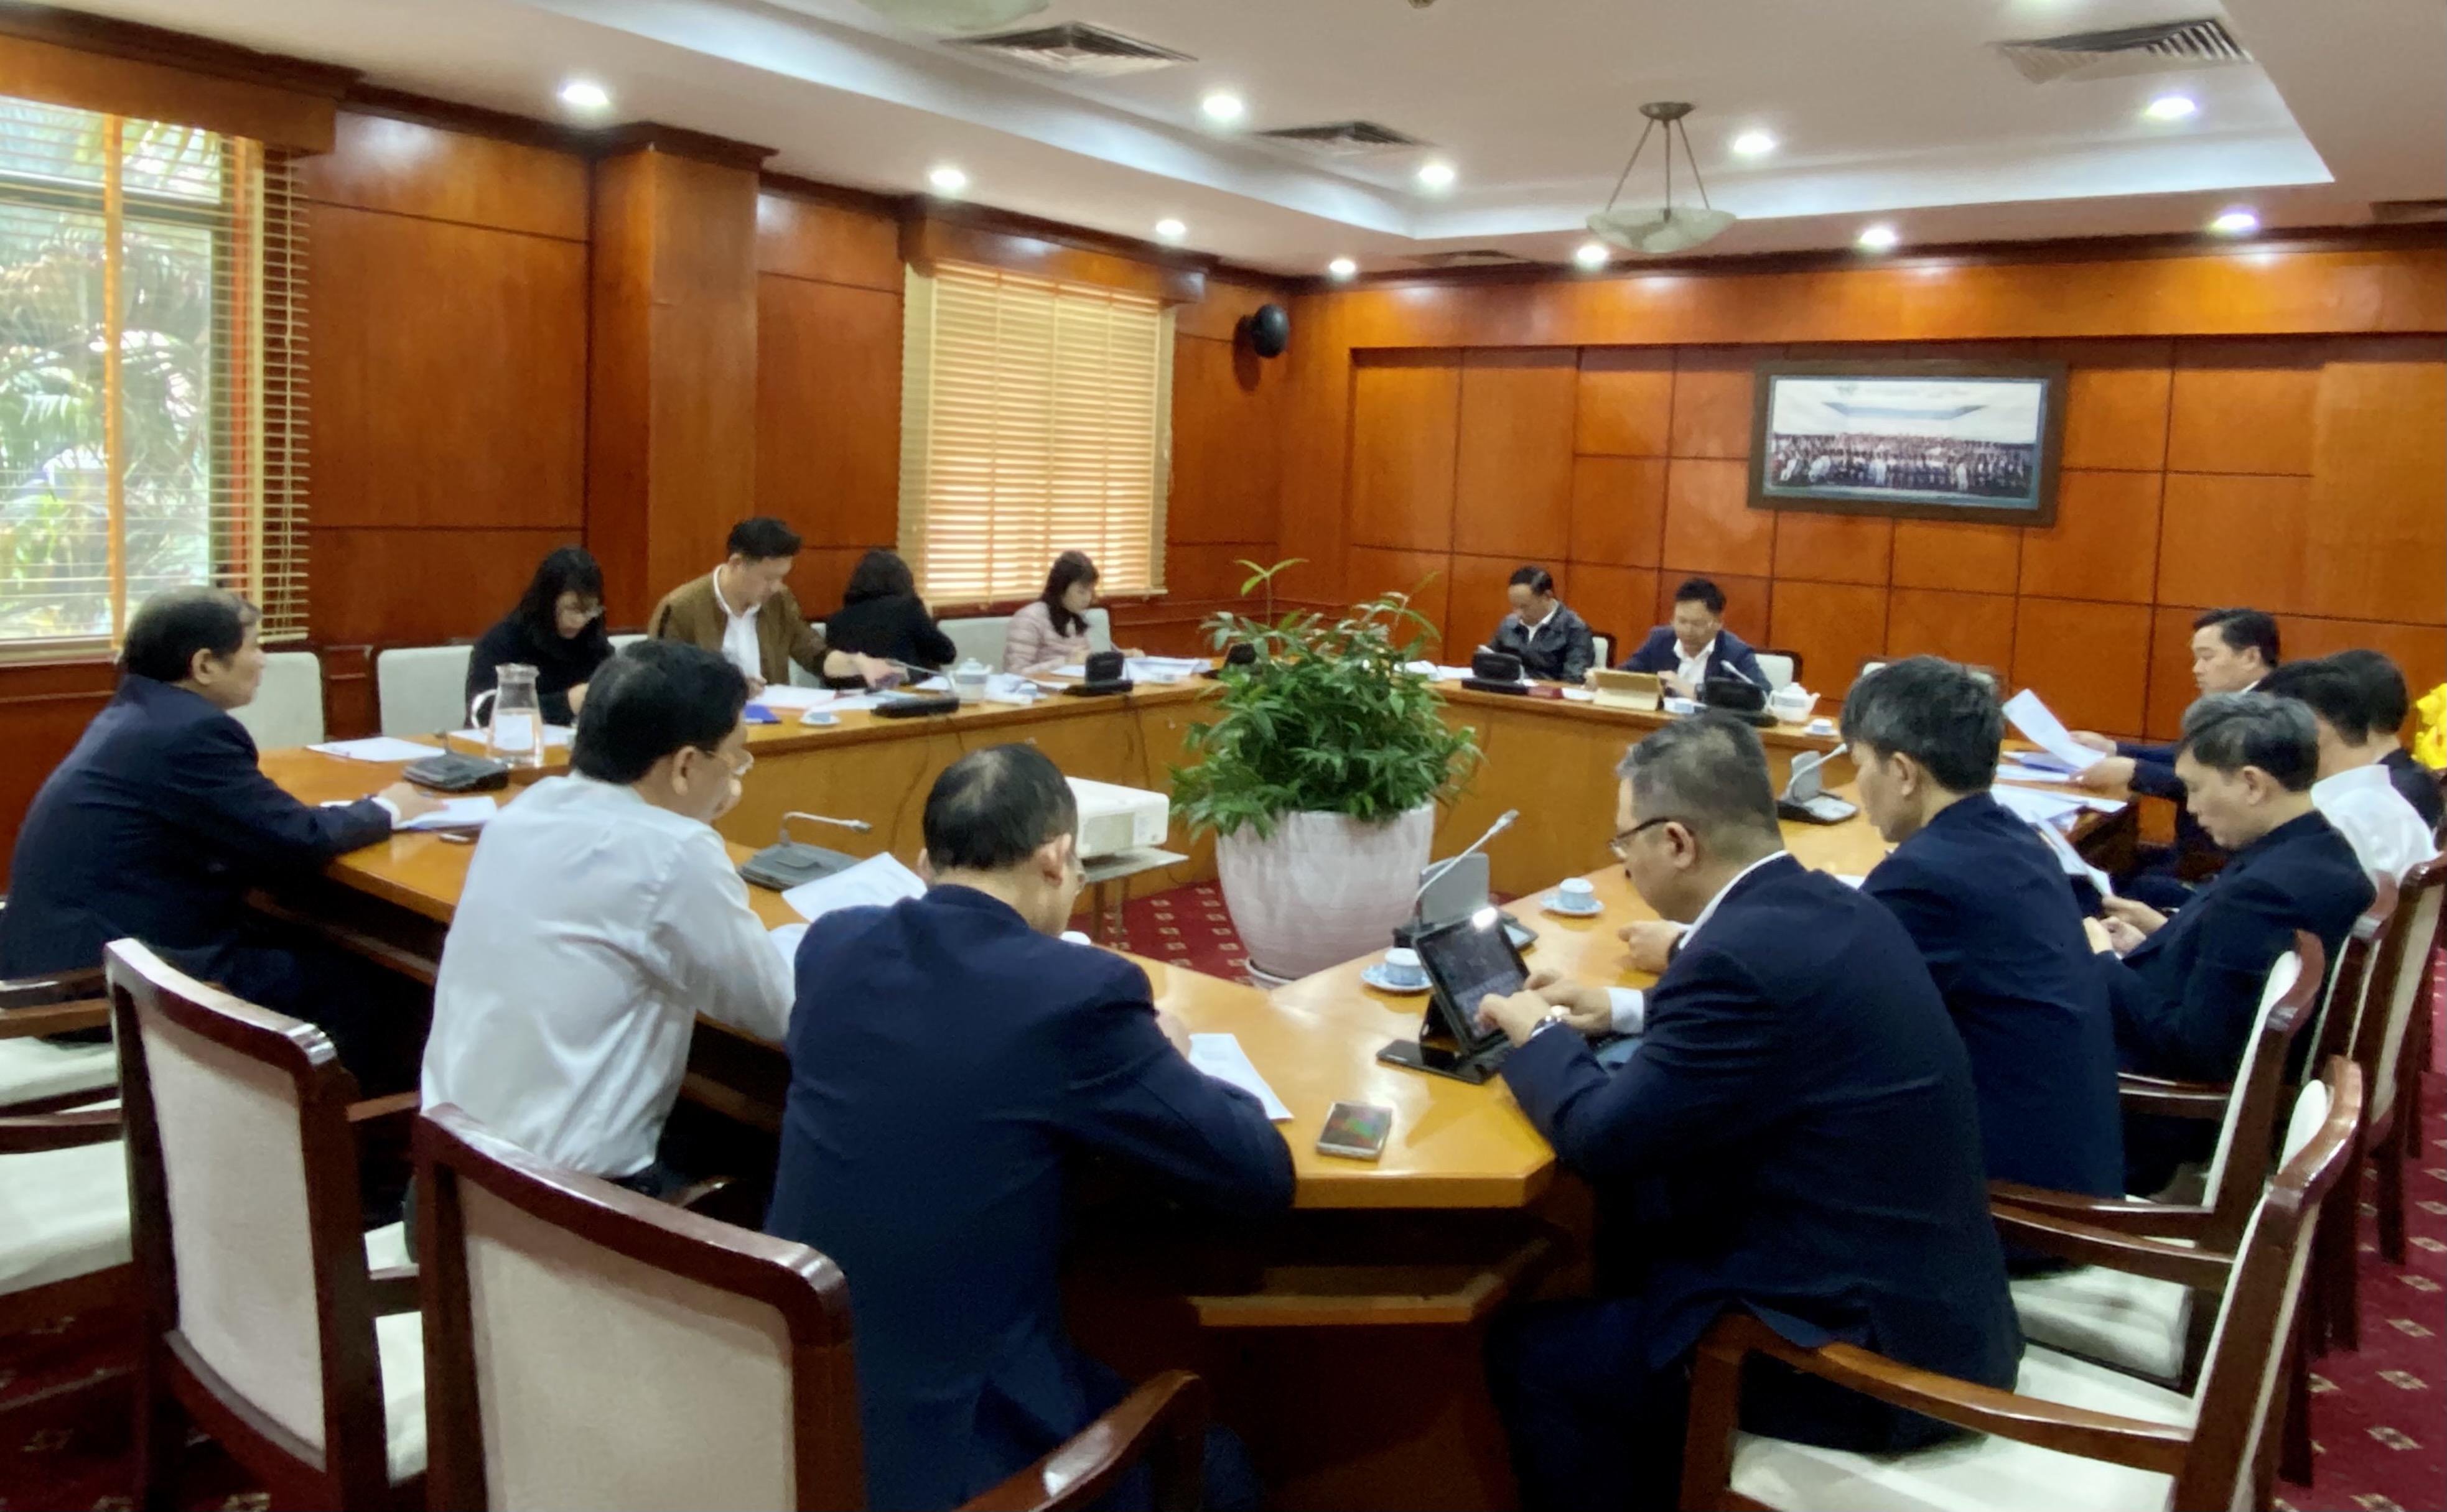 Hội nghị Ban chấp hành Công đoàn Tổng công ty mở rộng